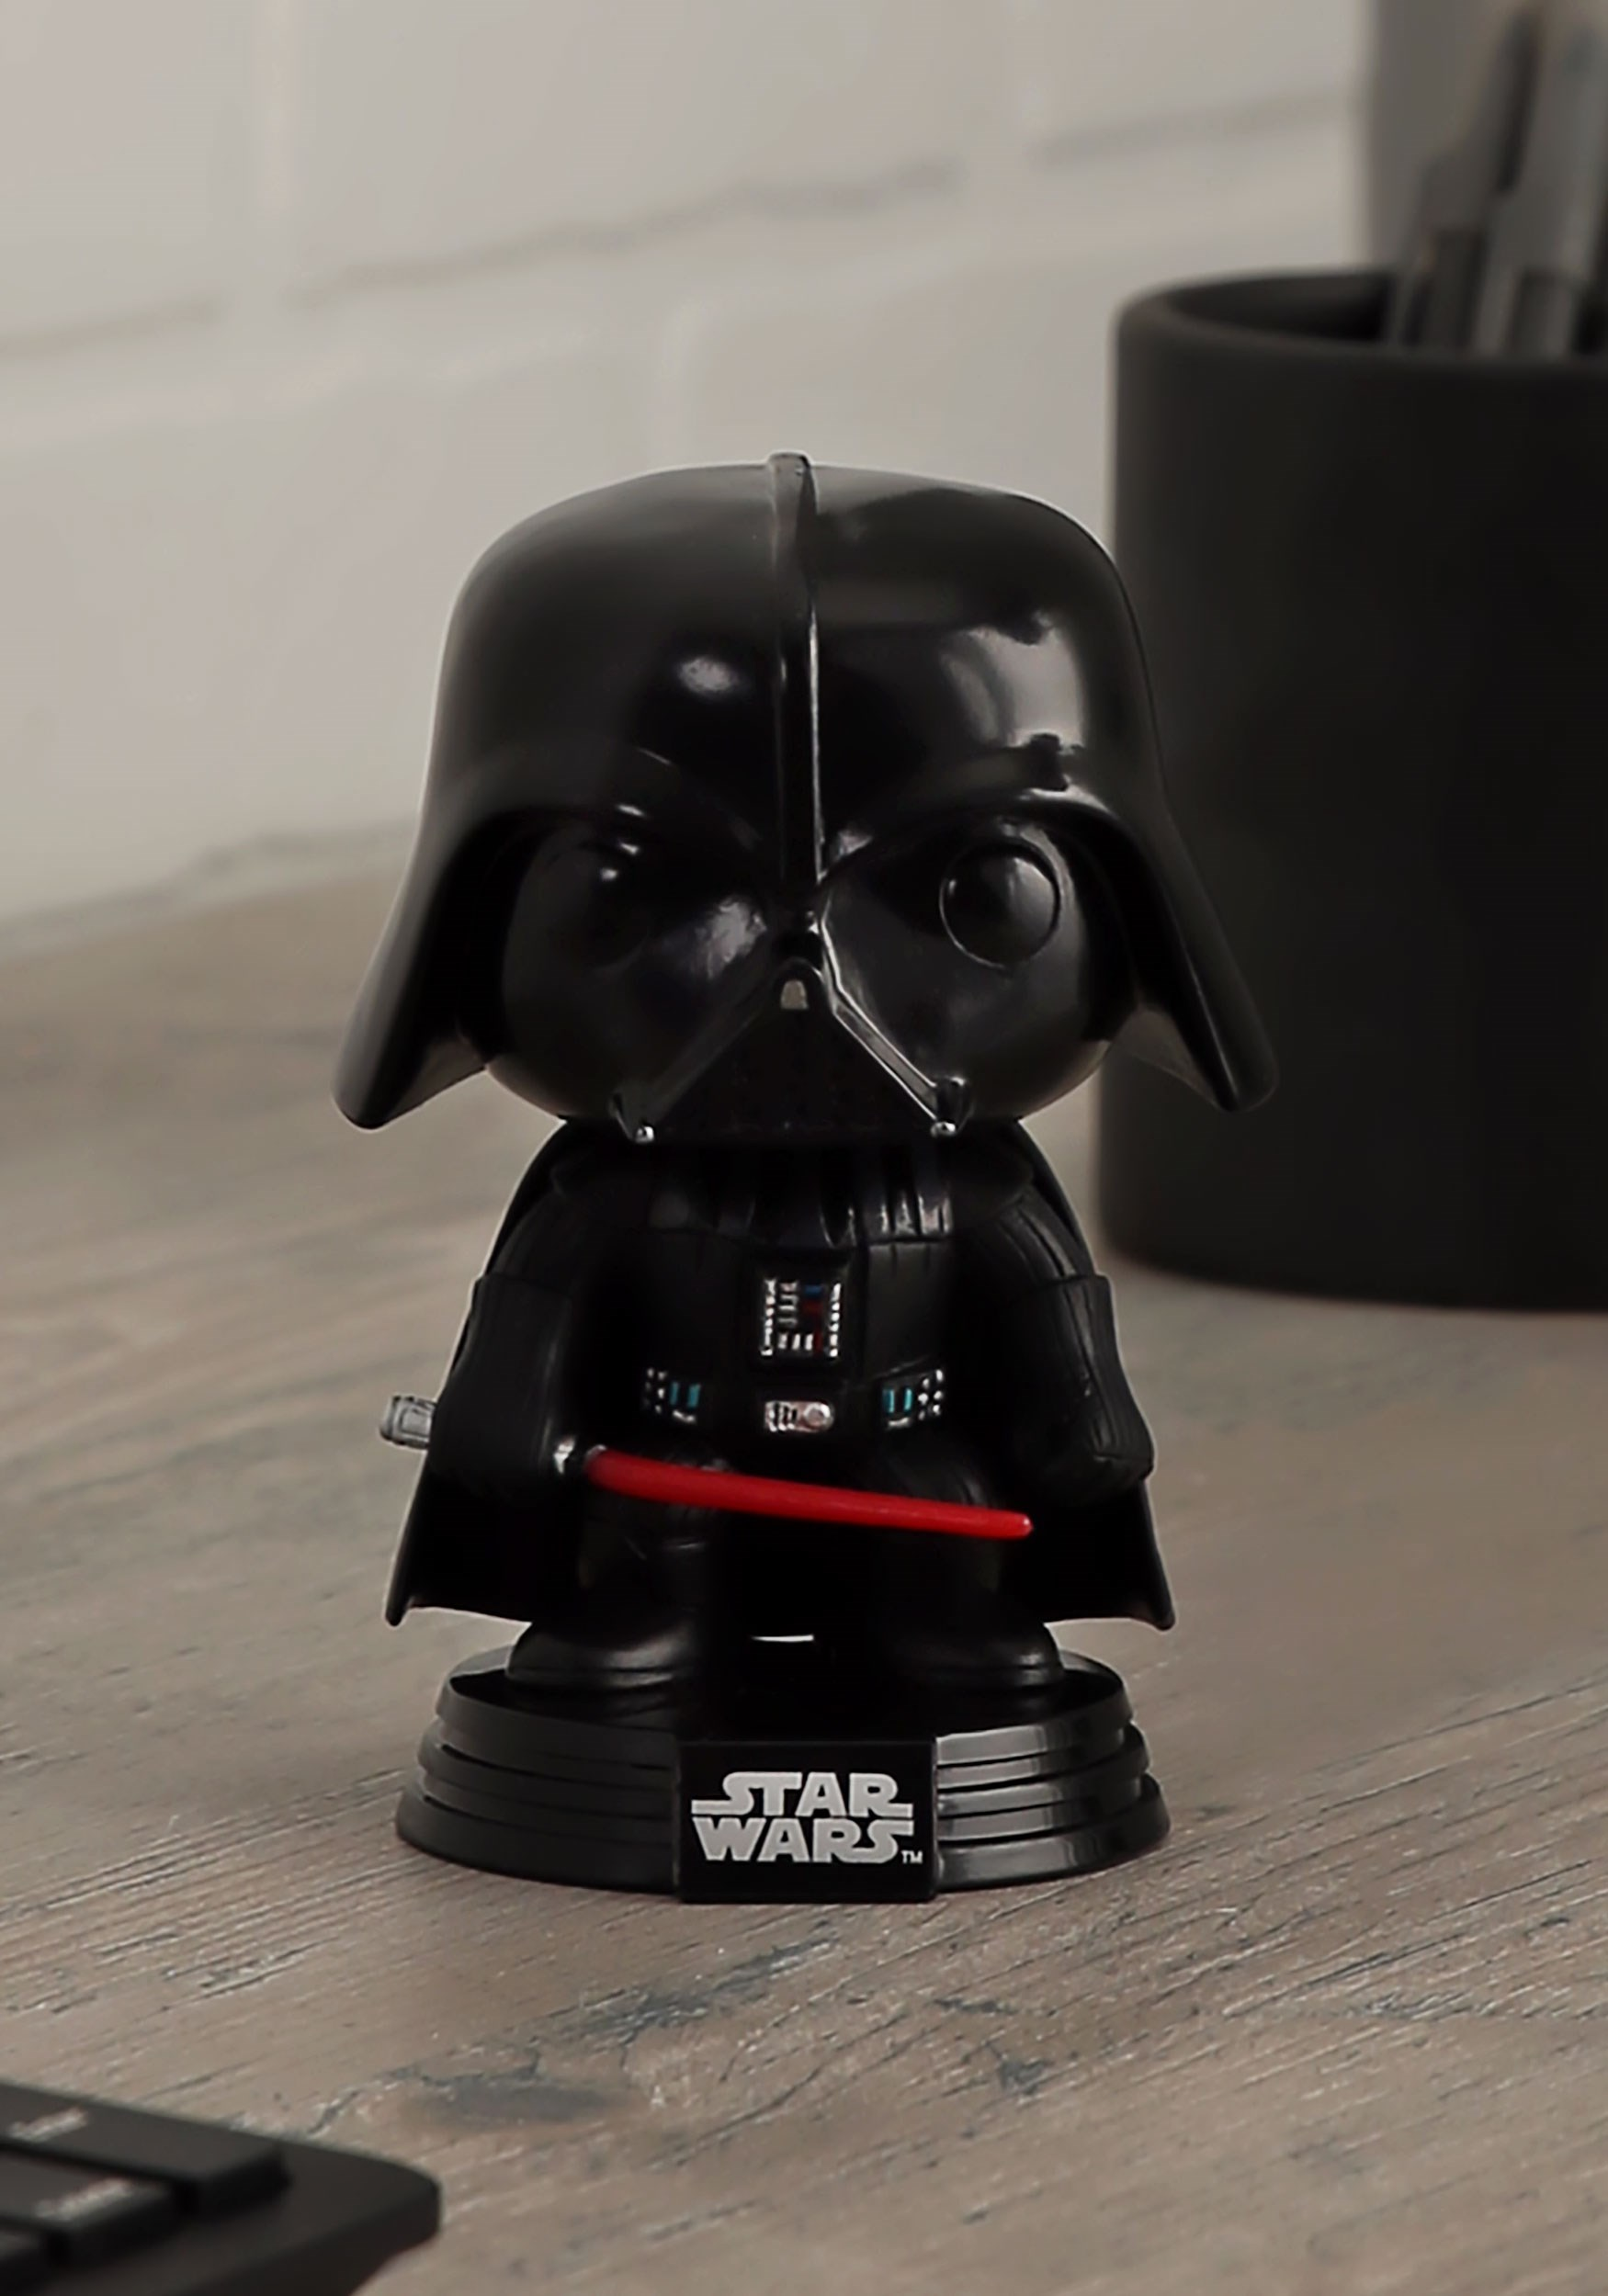 Pop Star Wars Darth Vader Bobble Head